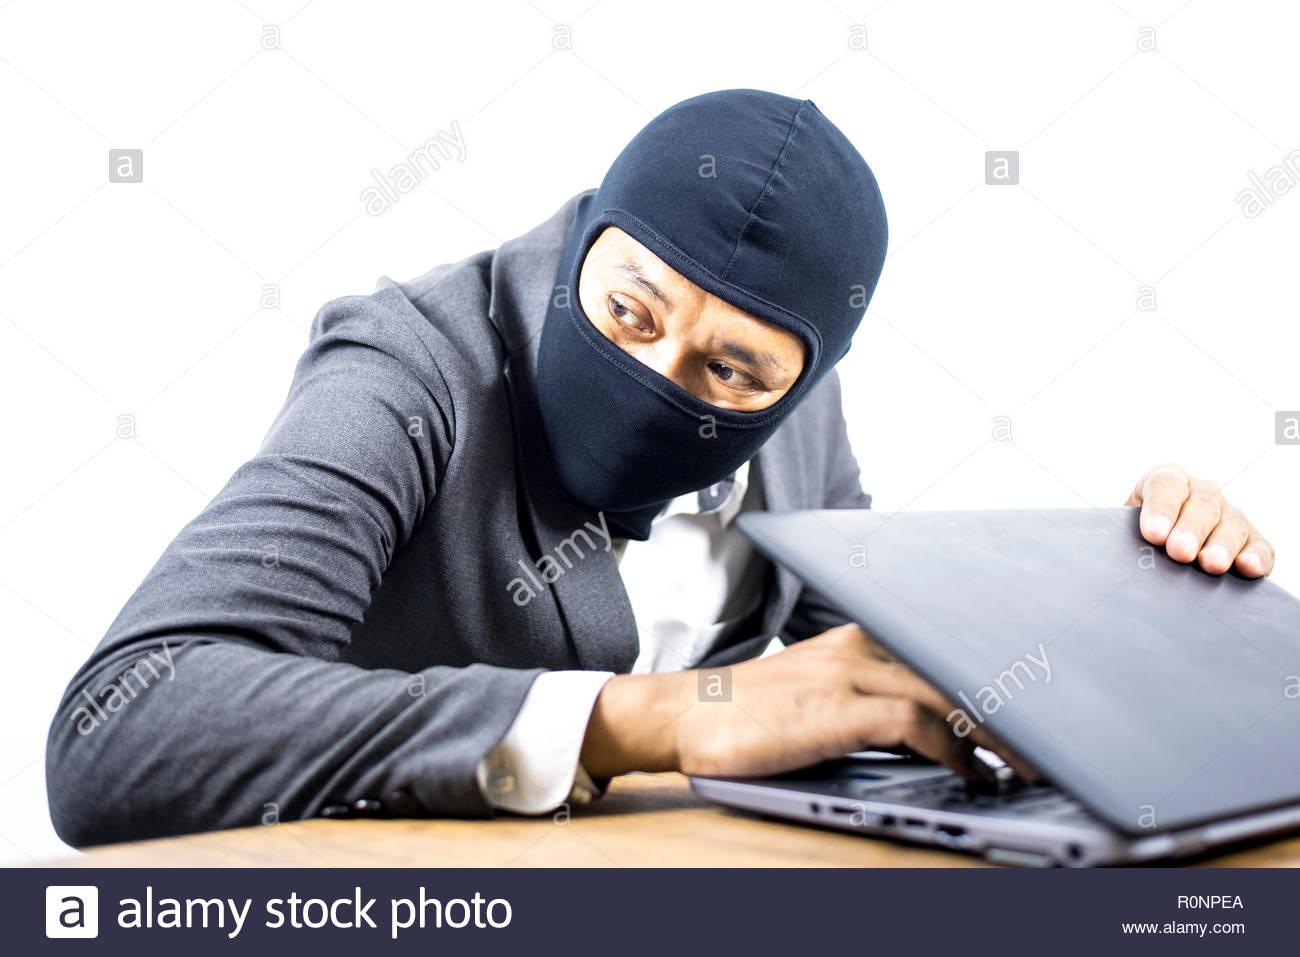 Diebstahl von Daten, Computer Hacker stehlen Daten und persönliche Informationen zur Identität aus einem Laptop, Data Center Sicherheitspolitik Stockbild